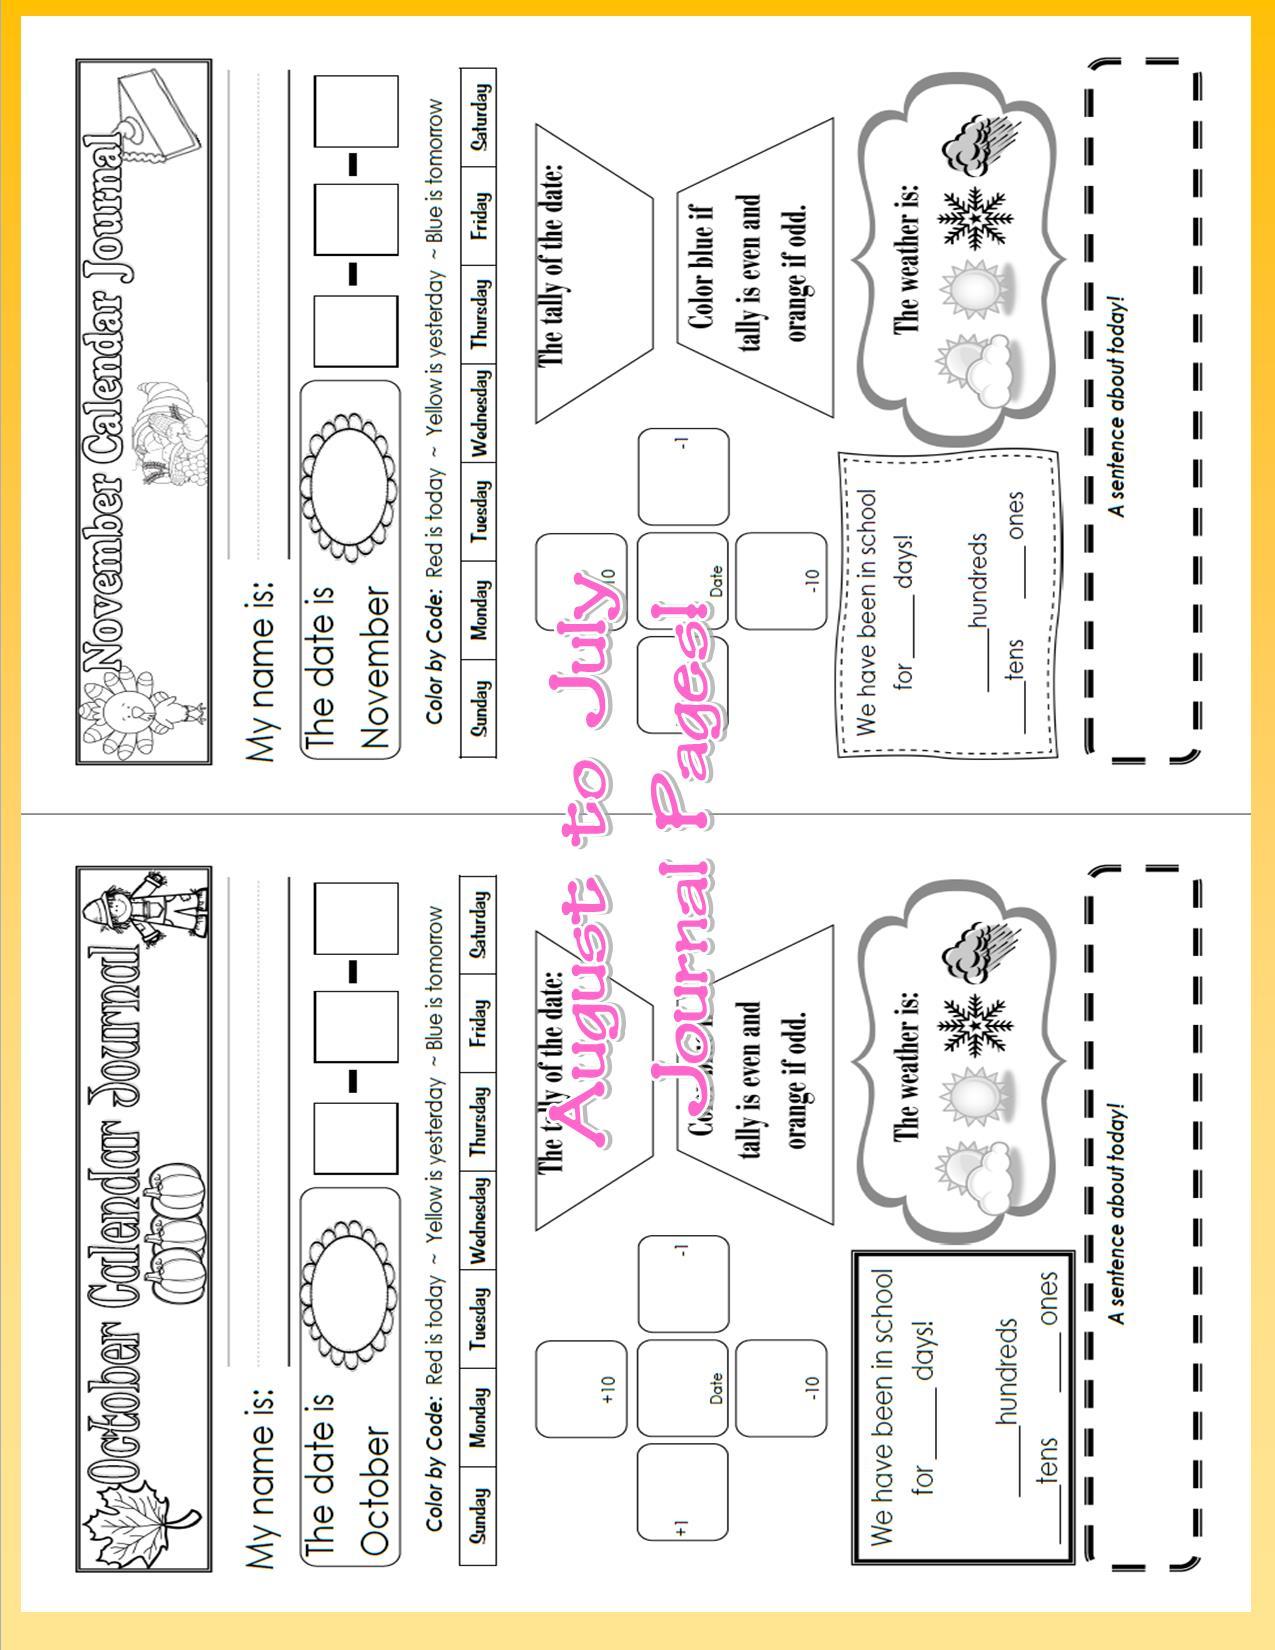 implementation plan concepts worksheet essay